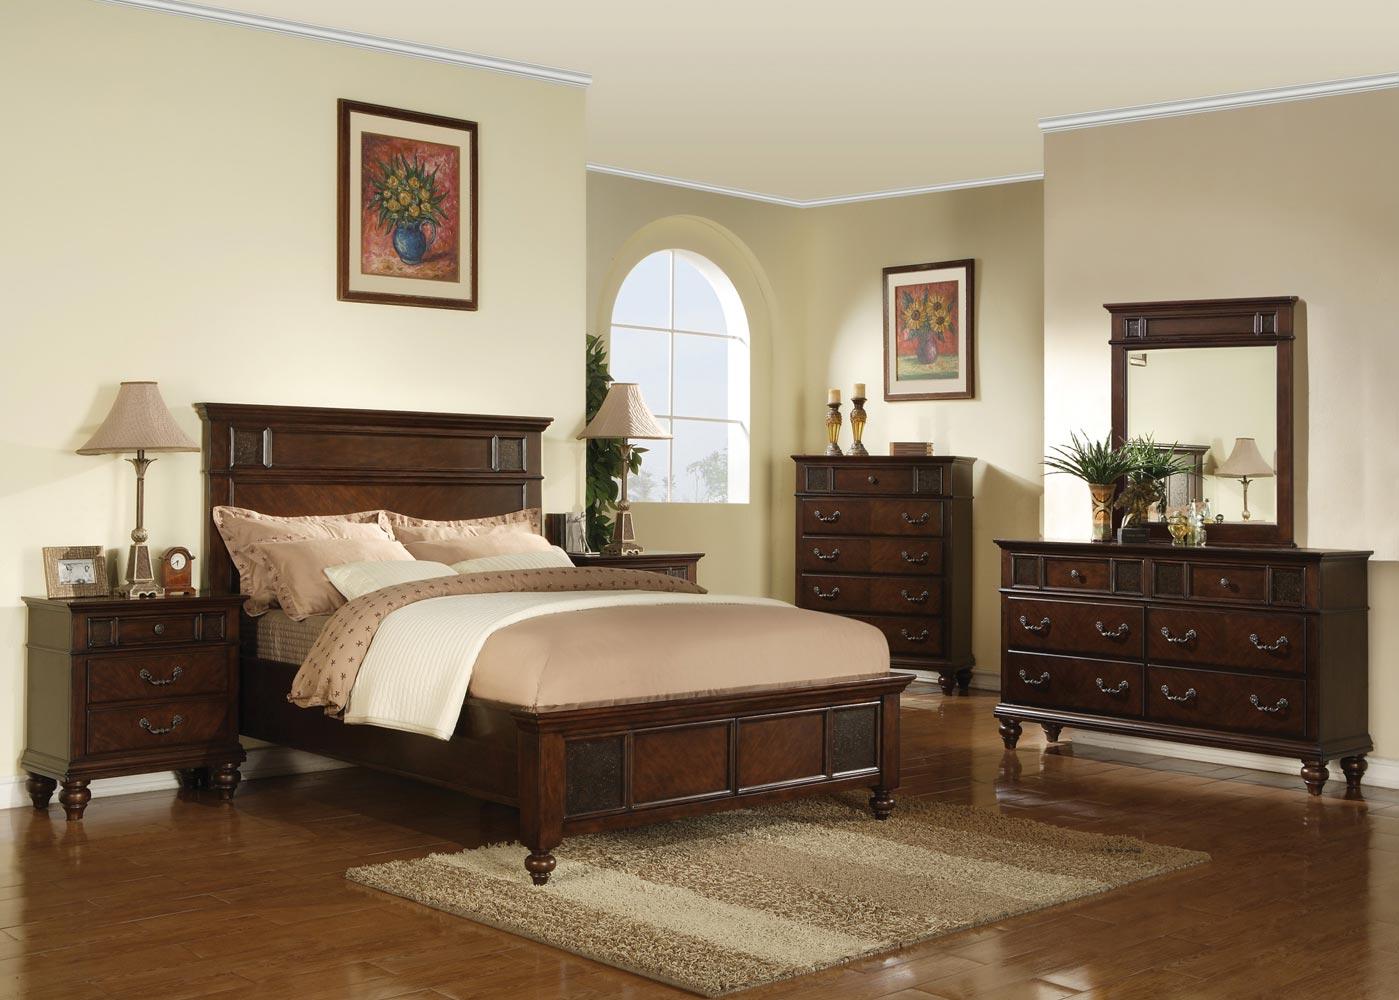 quality coaster 202061 bedset sidney bedroom set dark